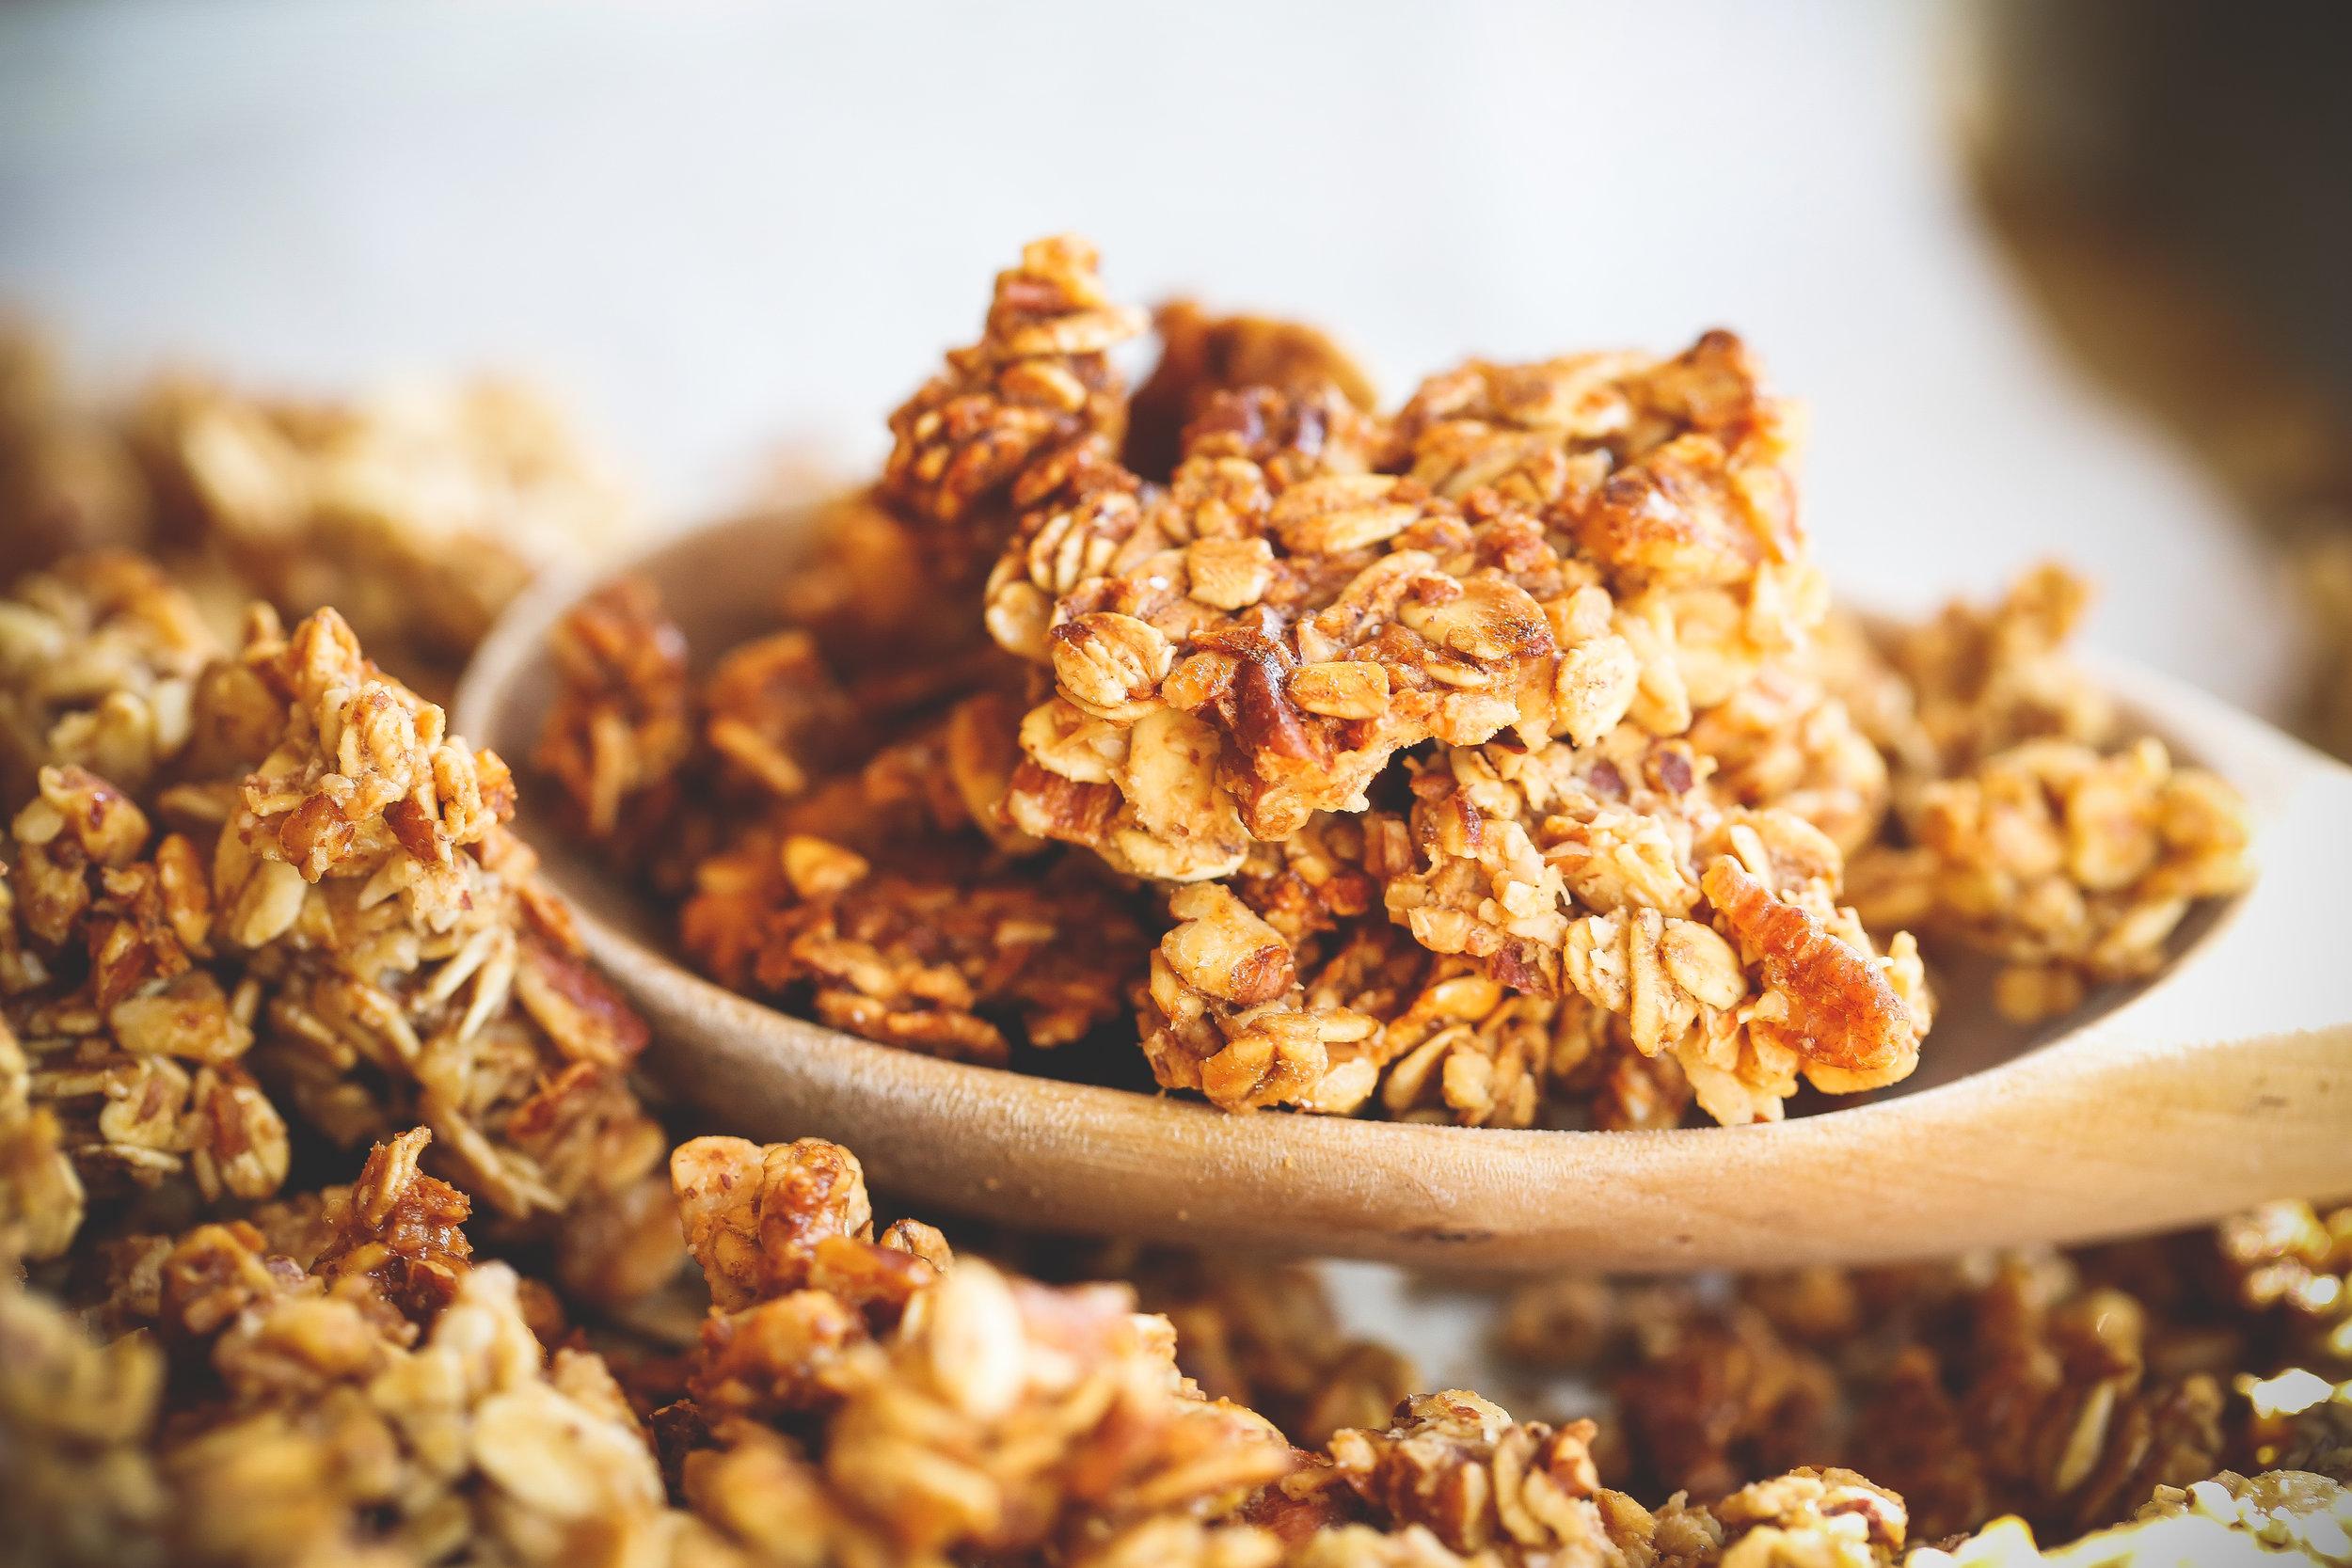 Our favorite granola